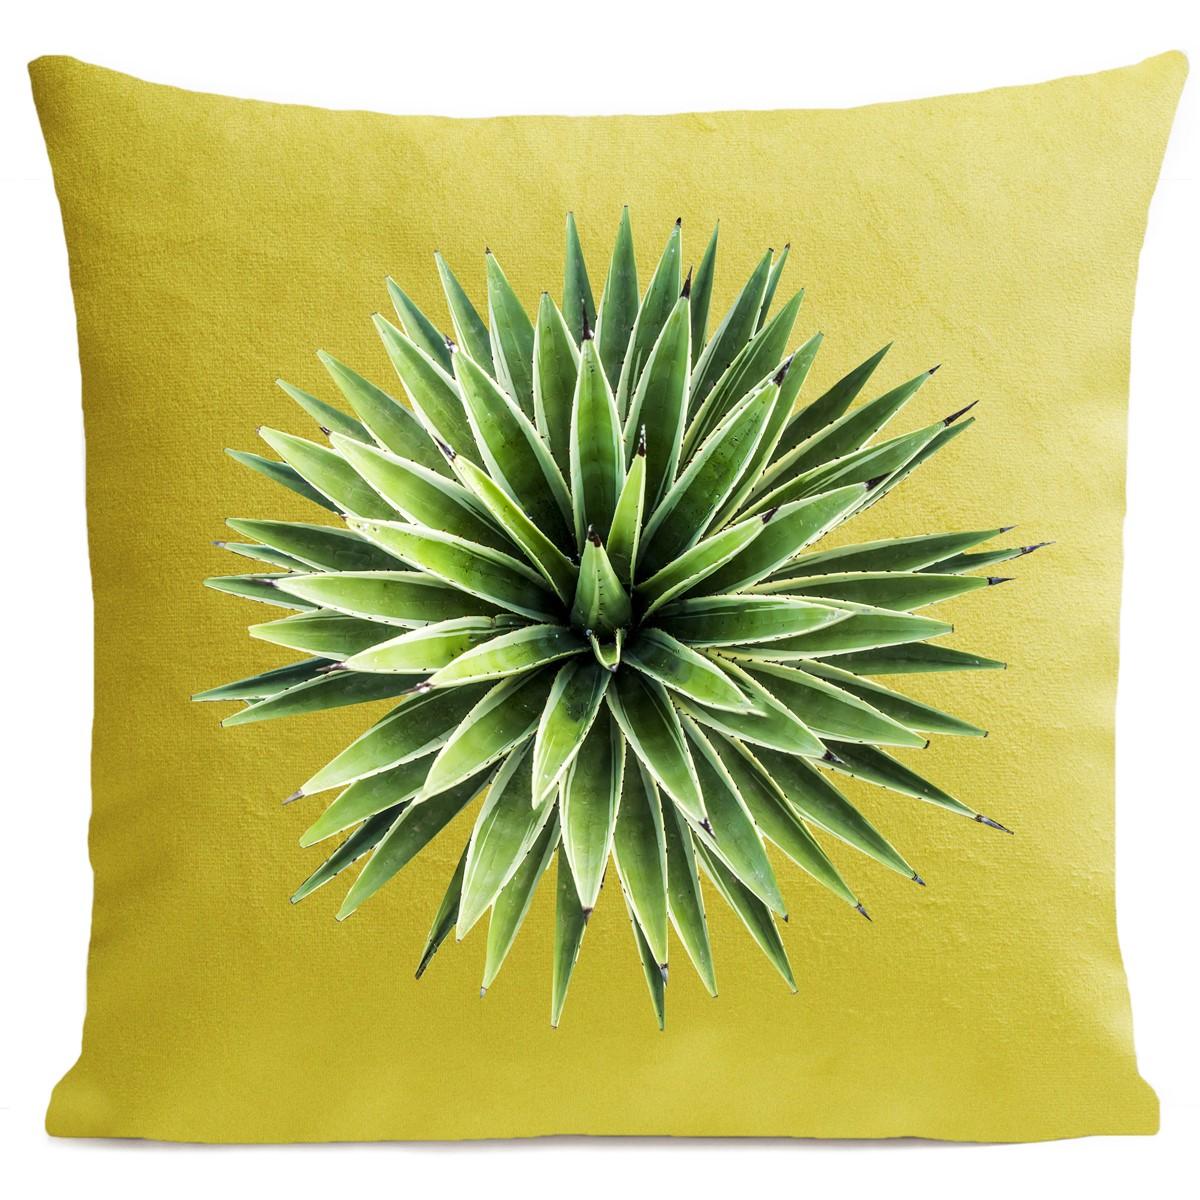 Coussin velours carré imprimé floraux jaune vif 40x40